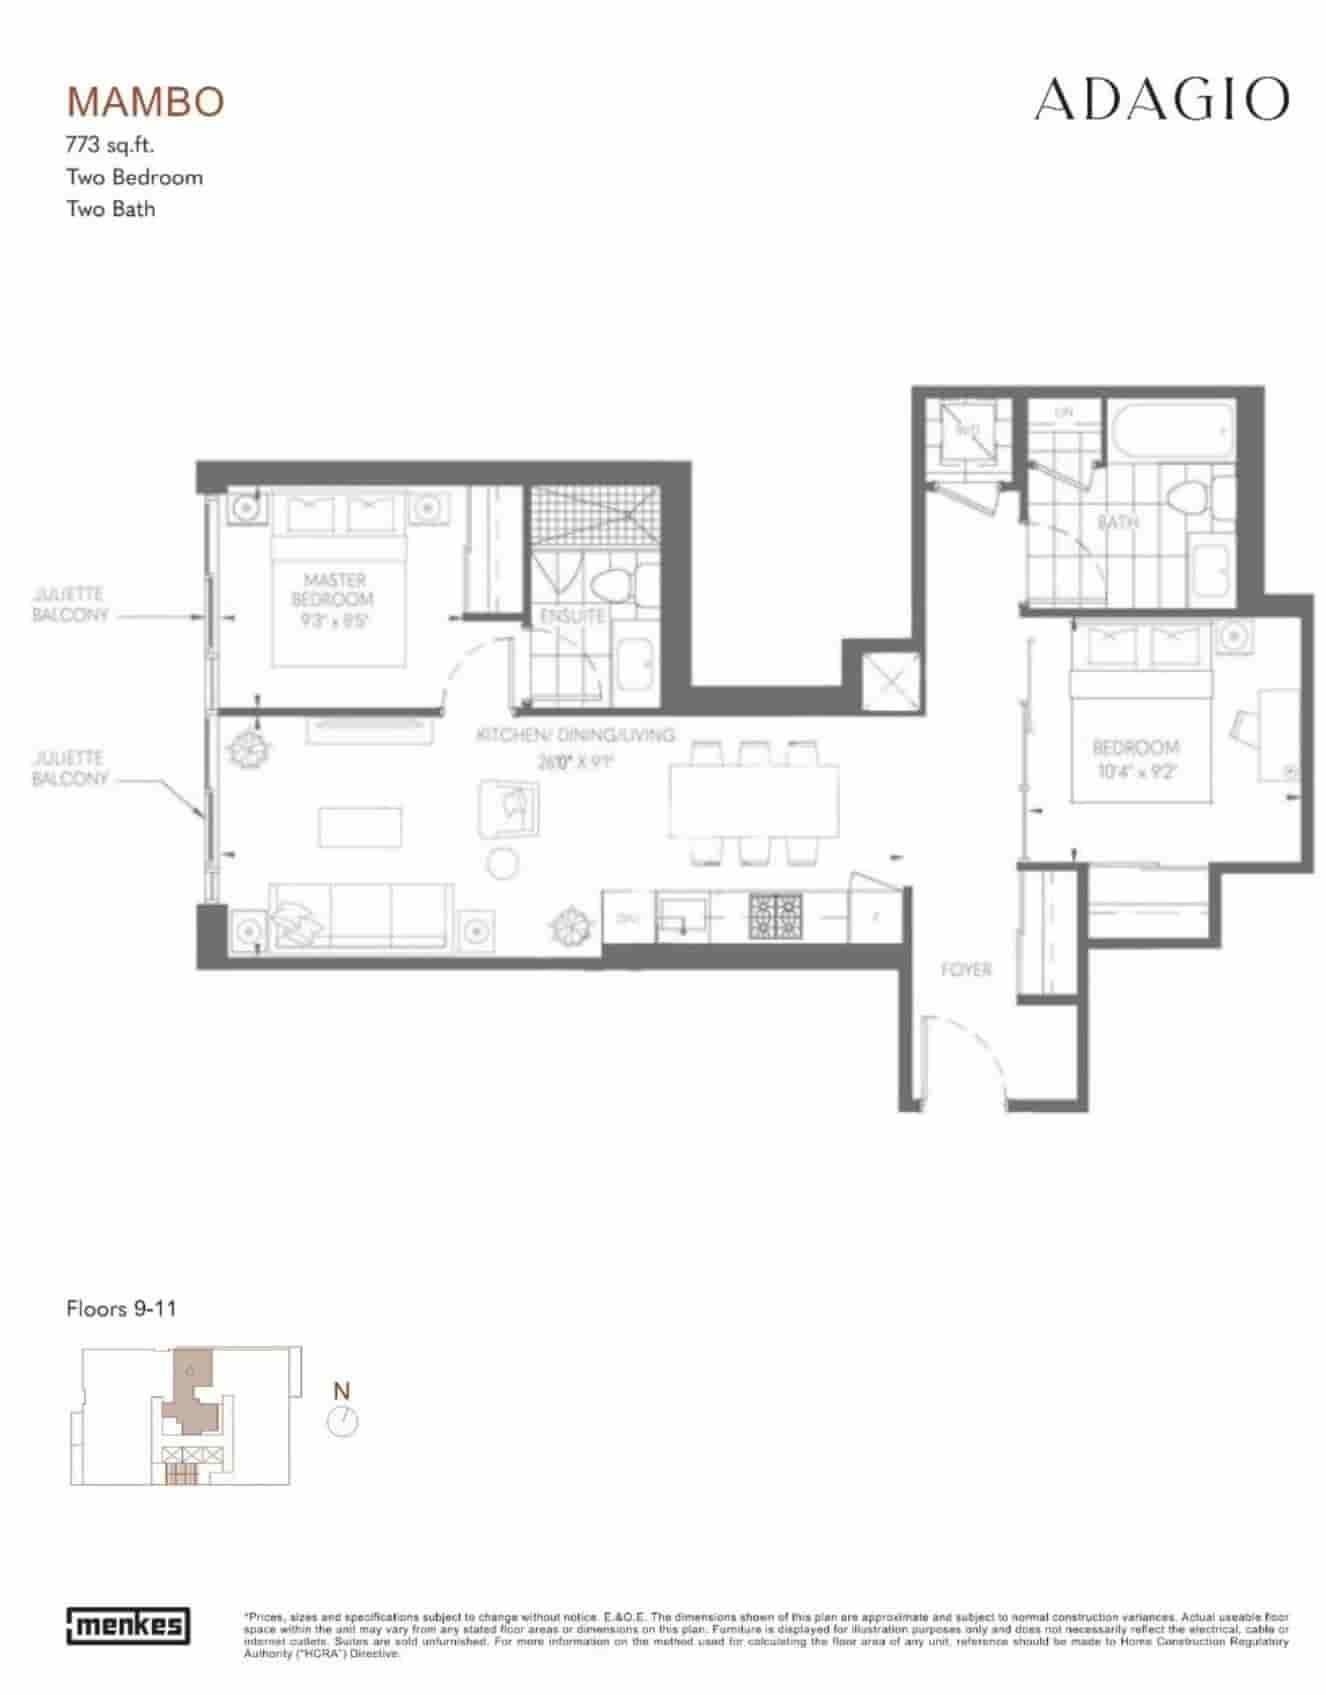 Adagio condos floor plan mambo